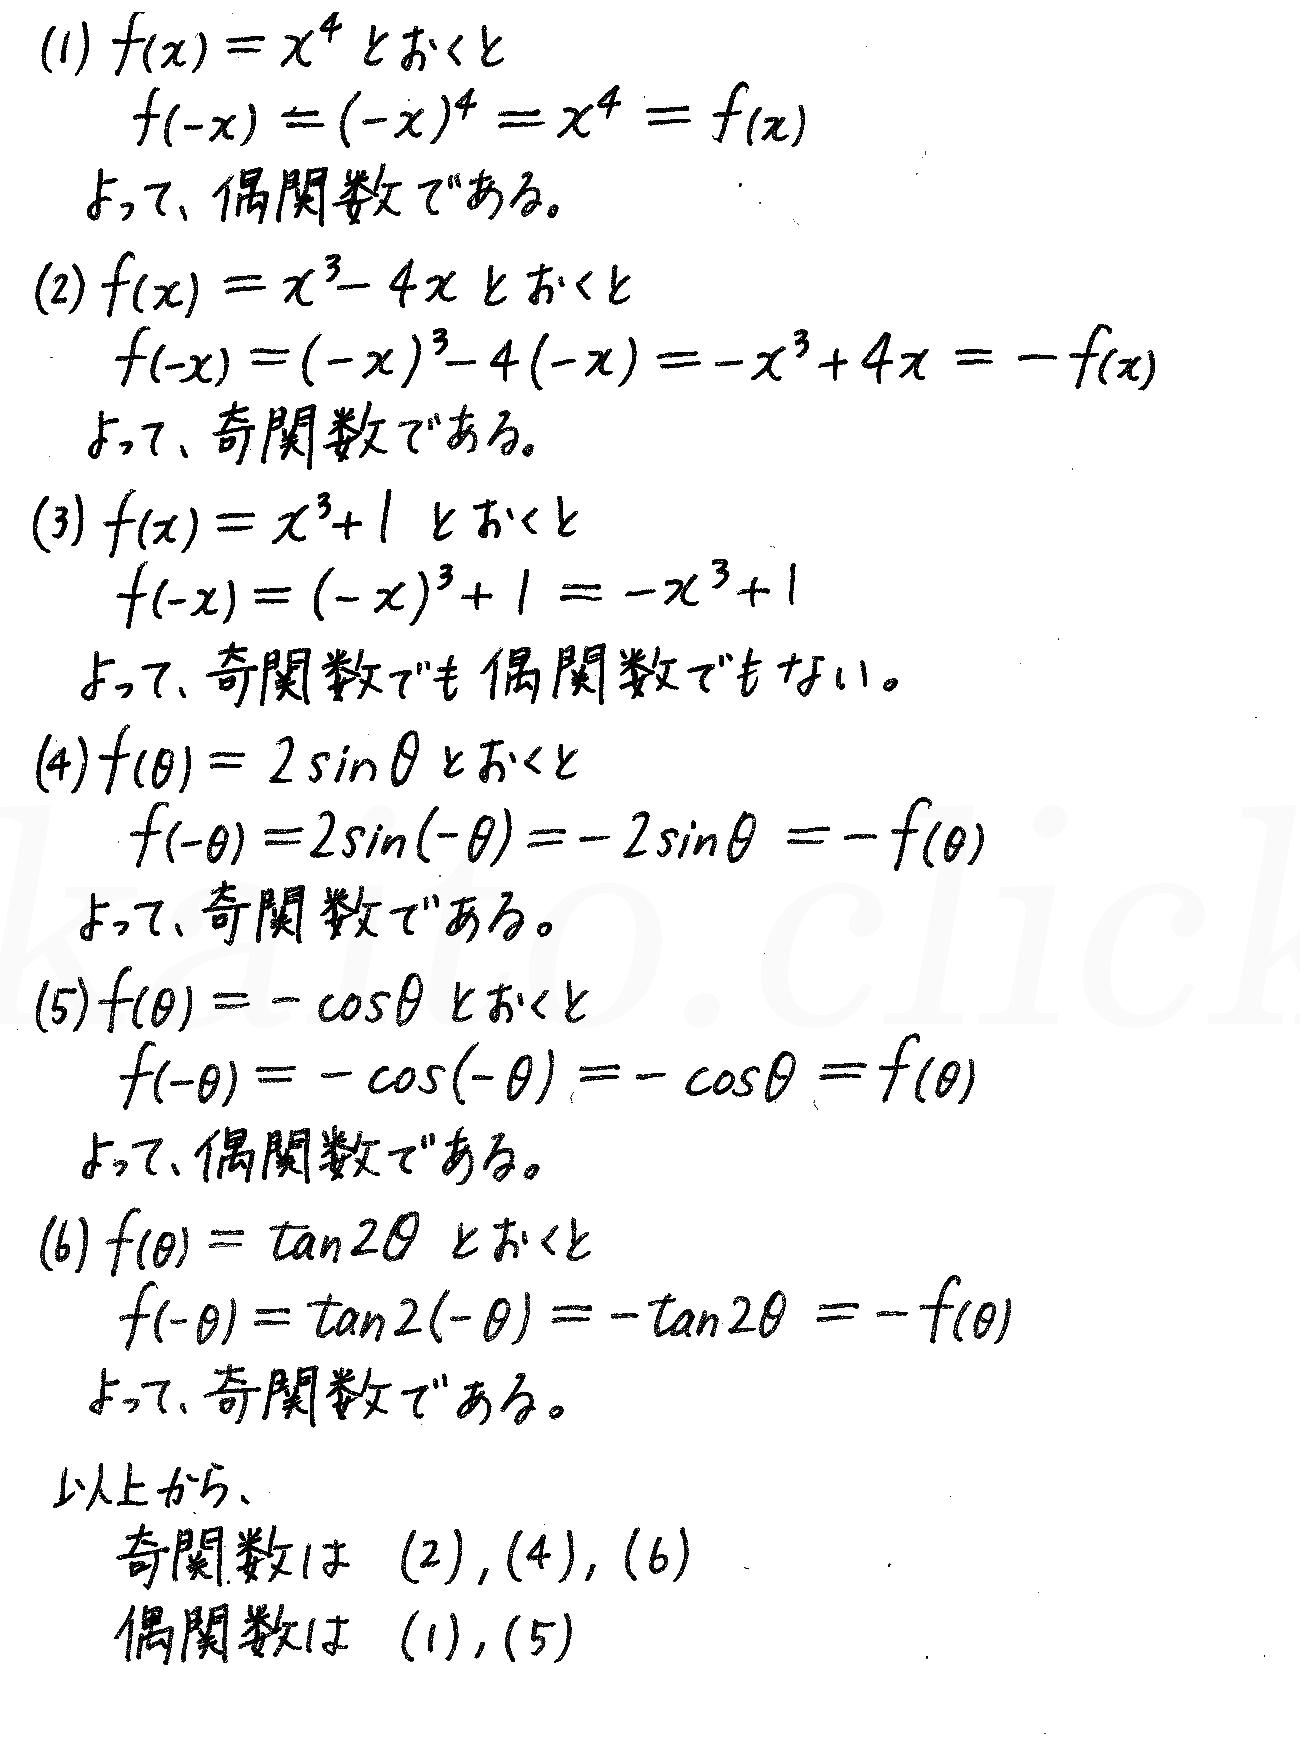 4STEP数学2-271解答